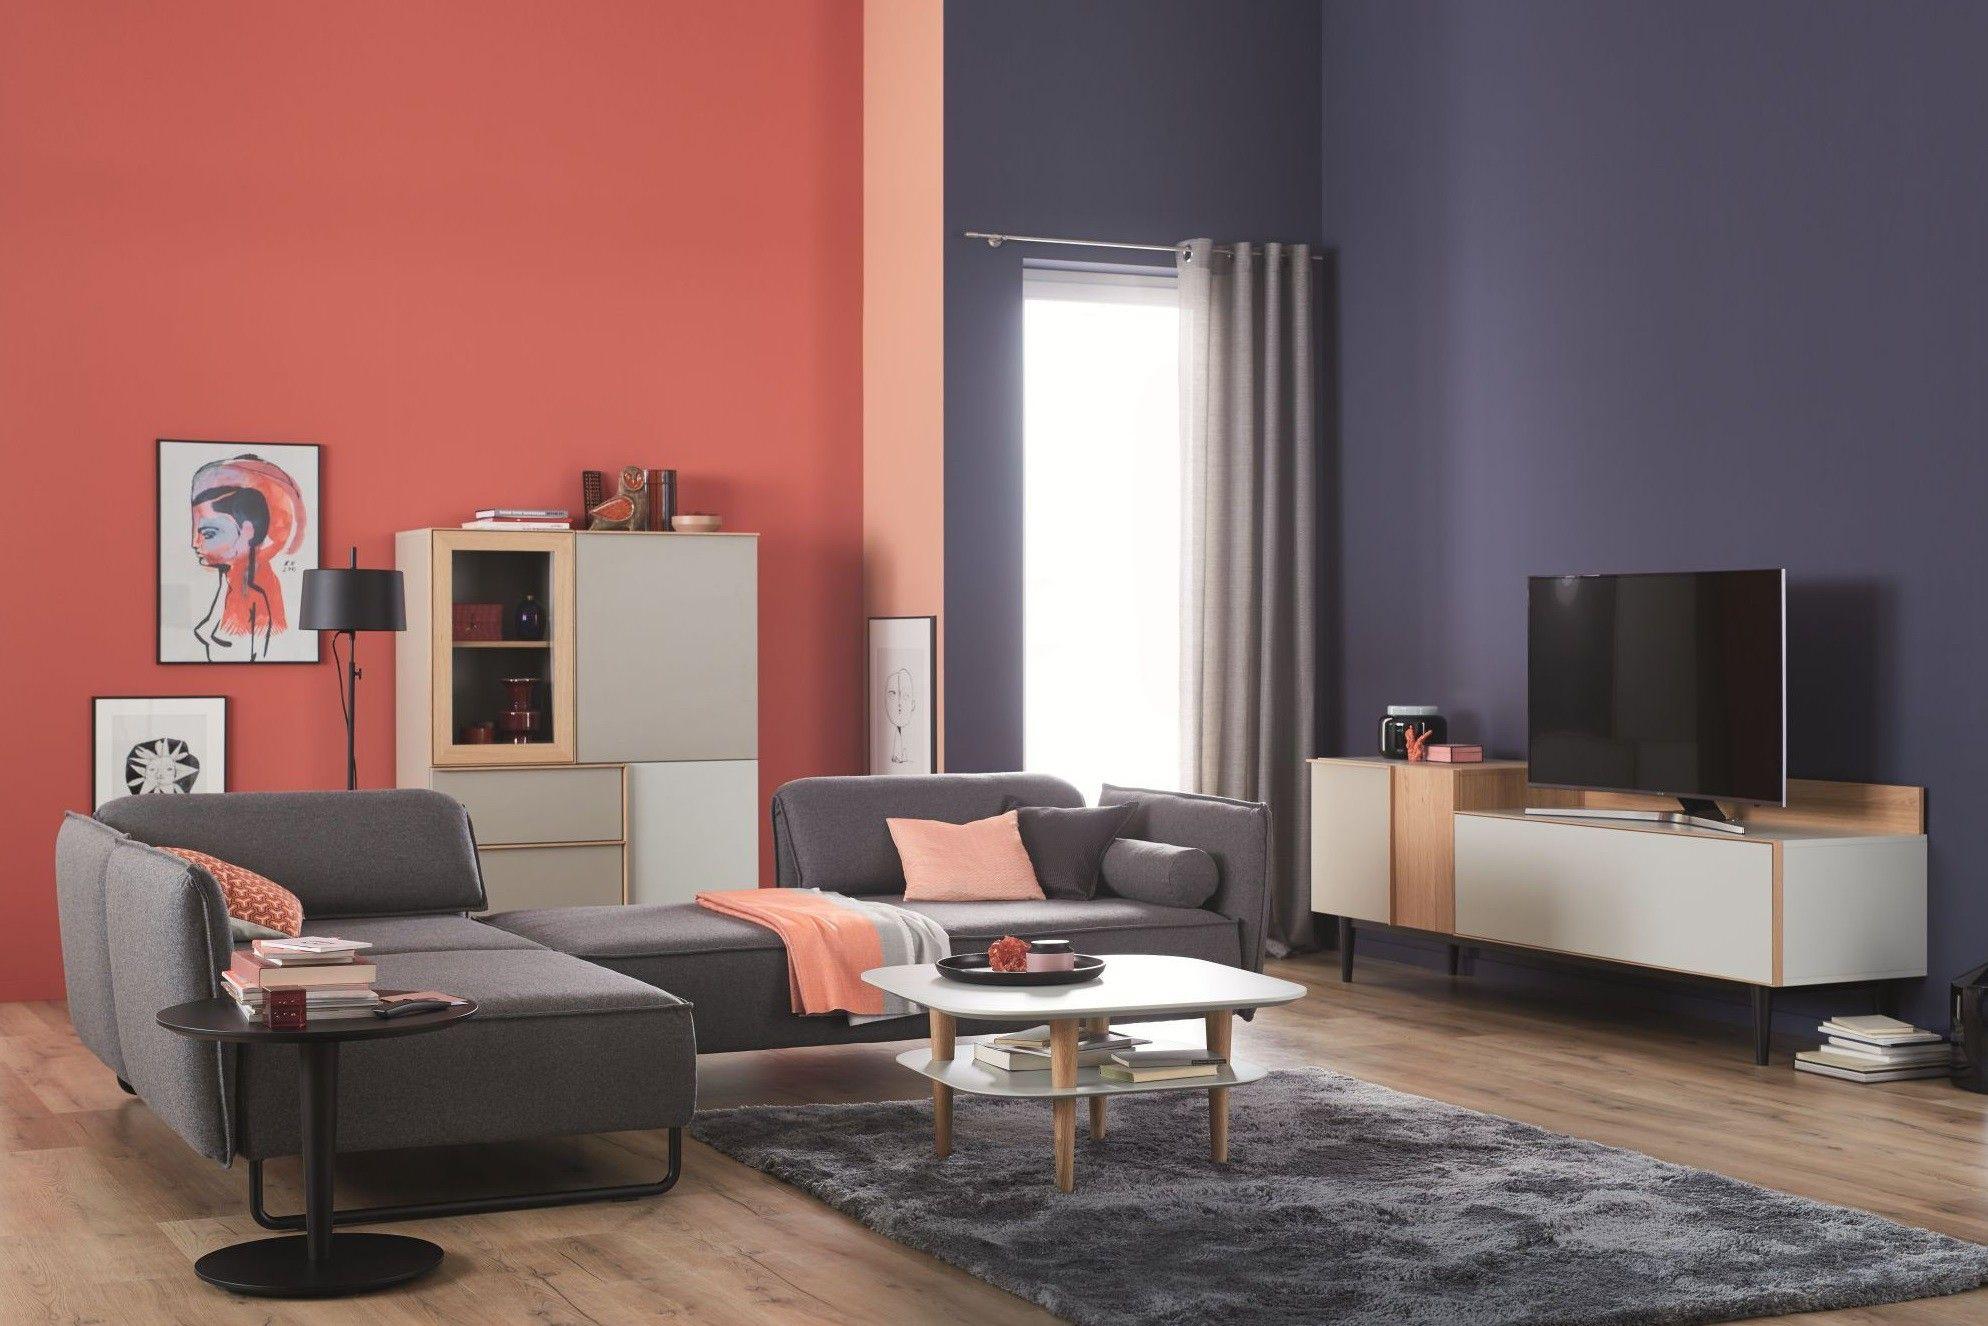 Schoner Wohnen Kollektion Garnitur Vision Zimmergestaltung Zuhause Und Schoner Wohnen